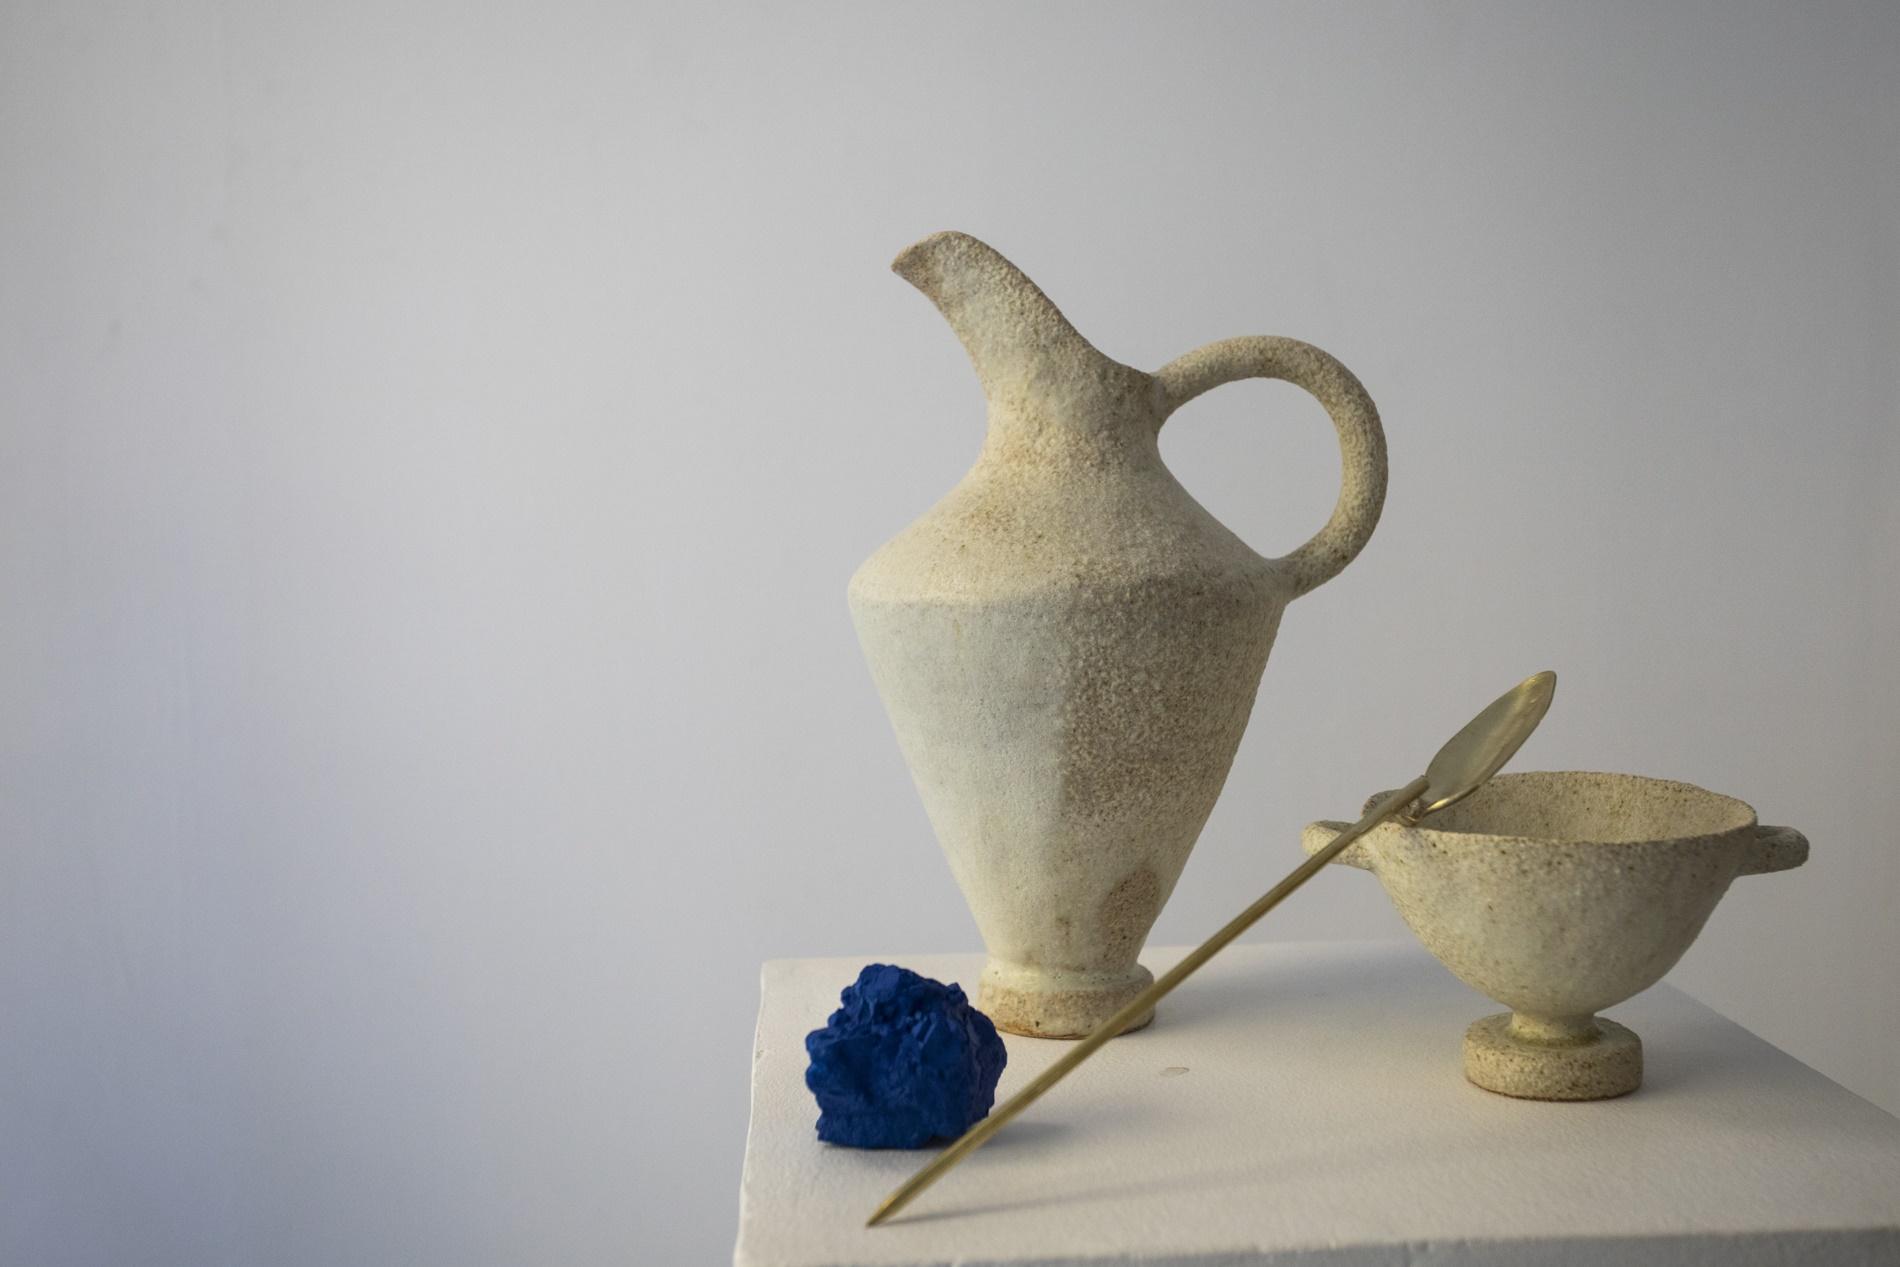 Últimamente se centran en un conjunto de piezas de color azul, únicas y minimalistas.